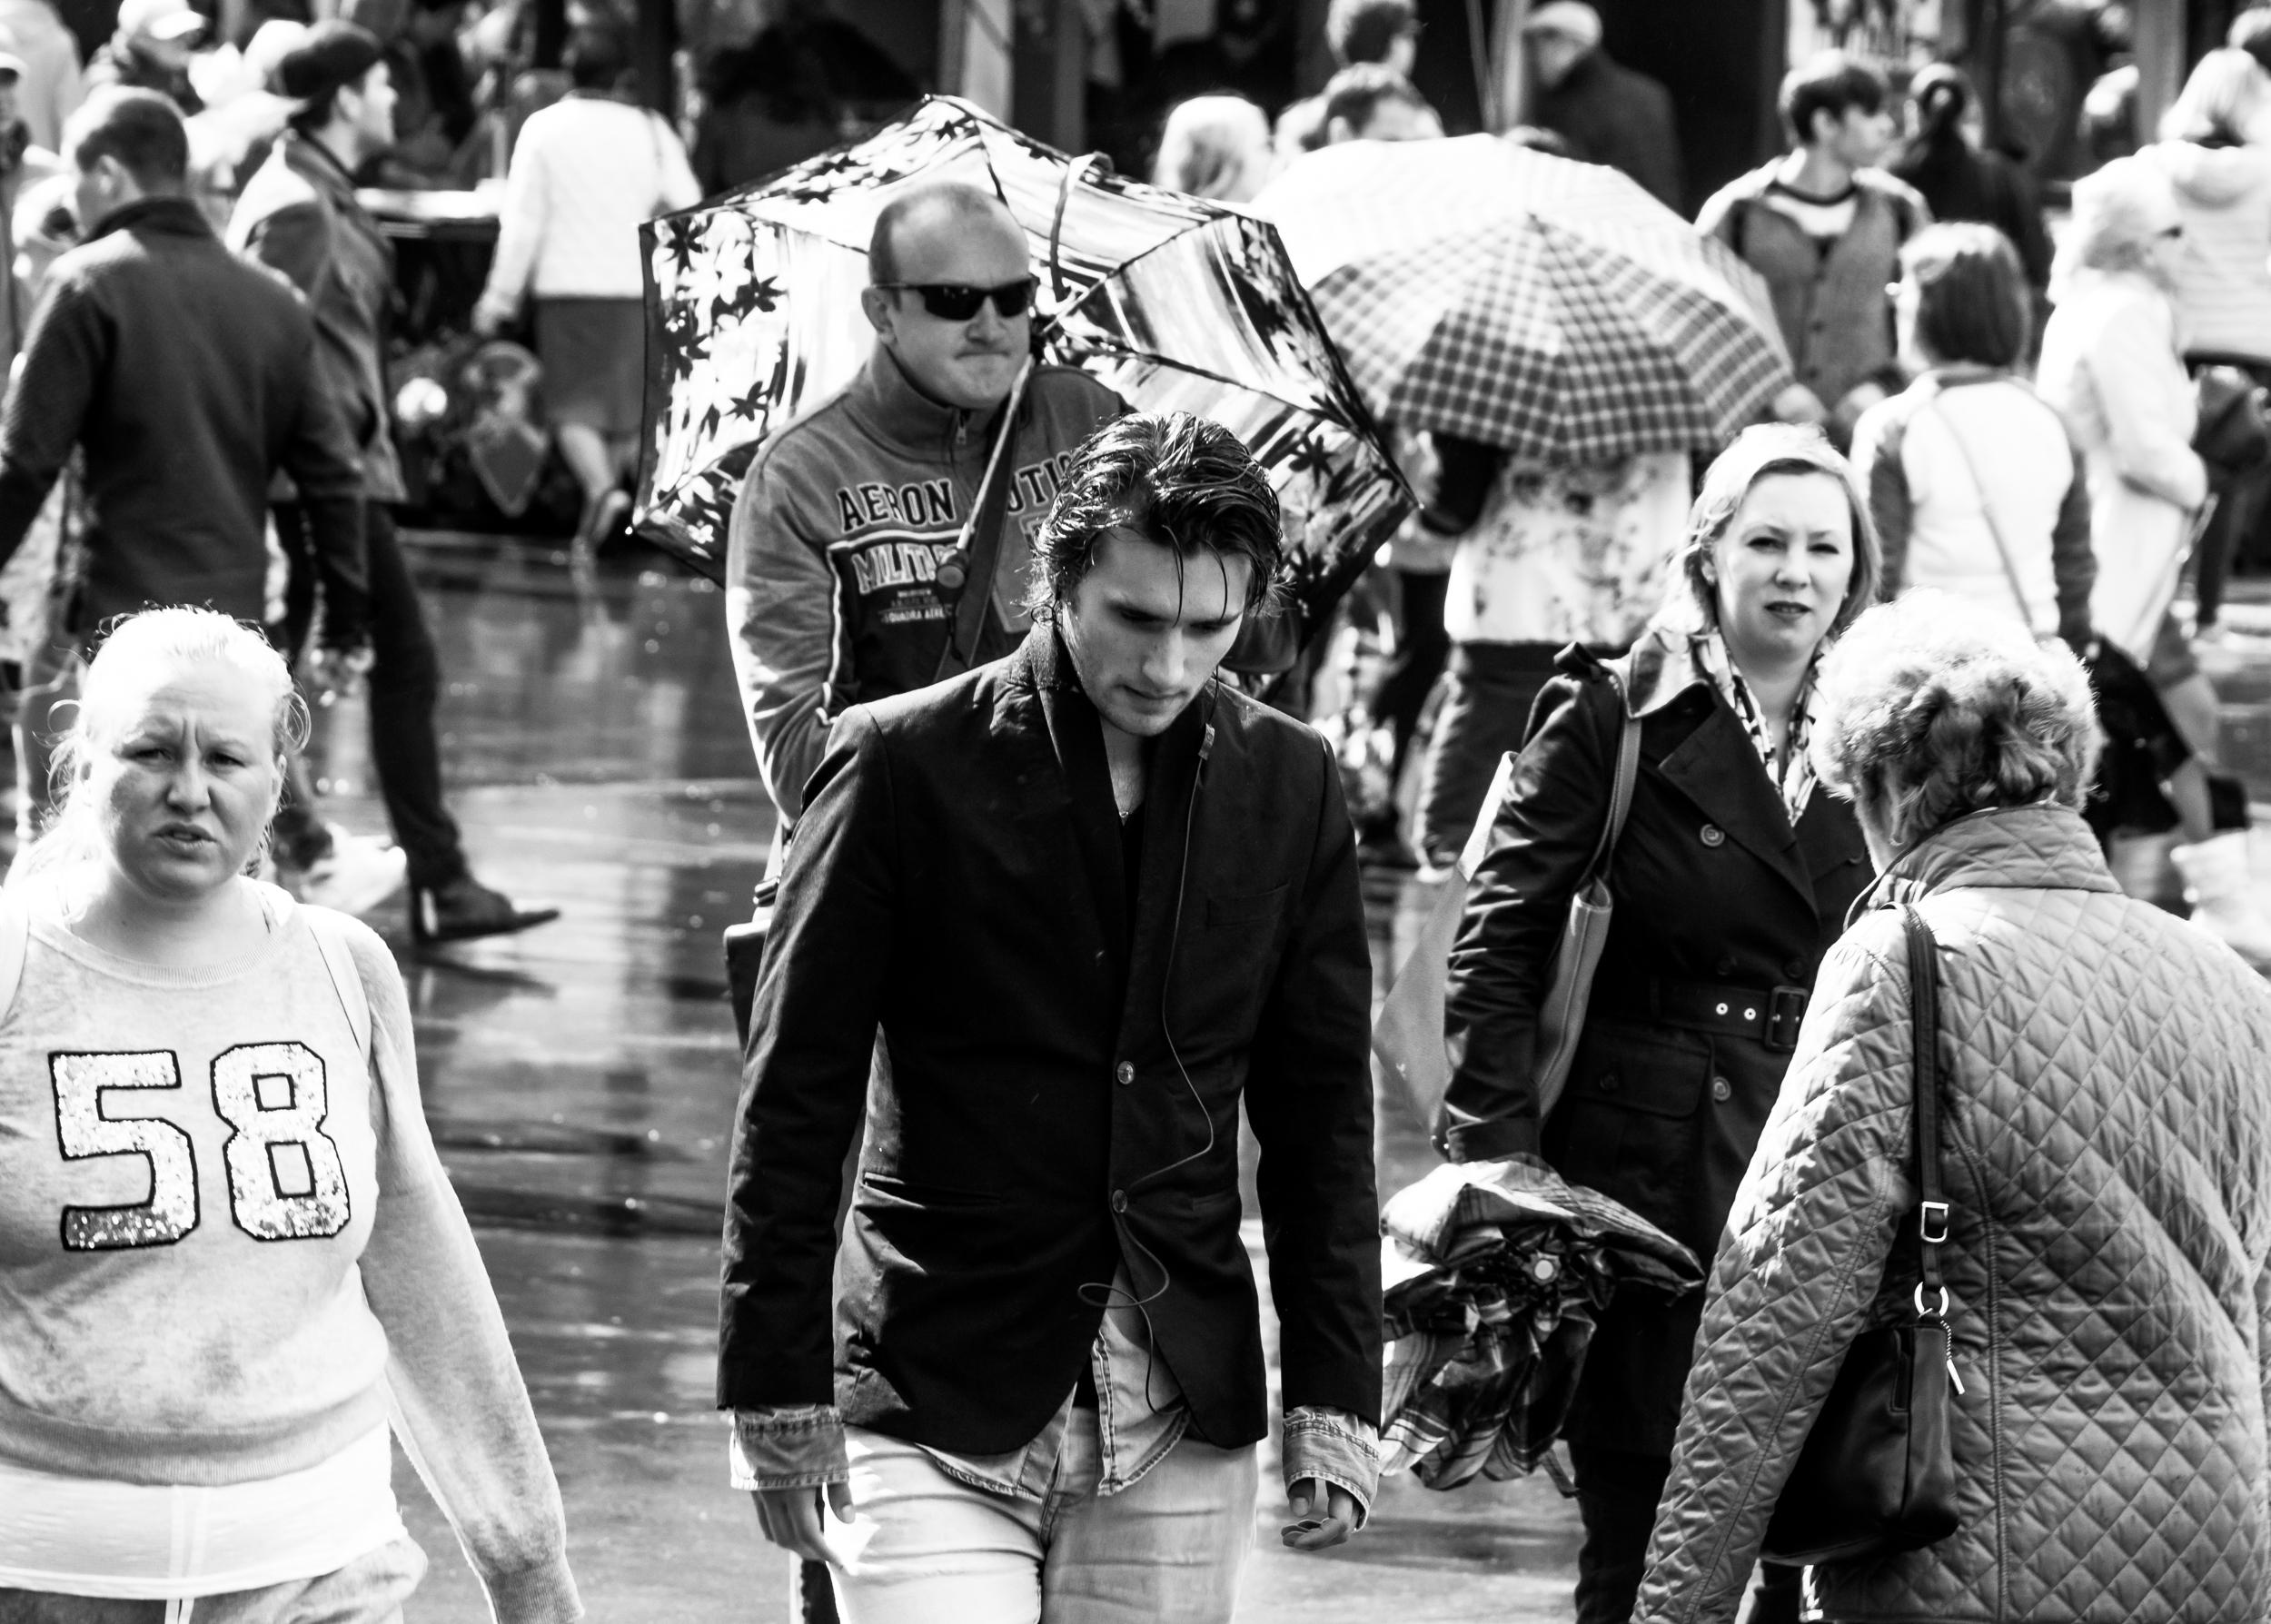 La lluvia de Moscú